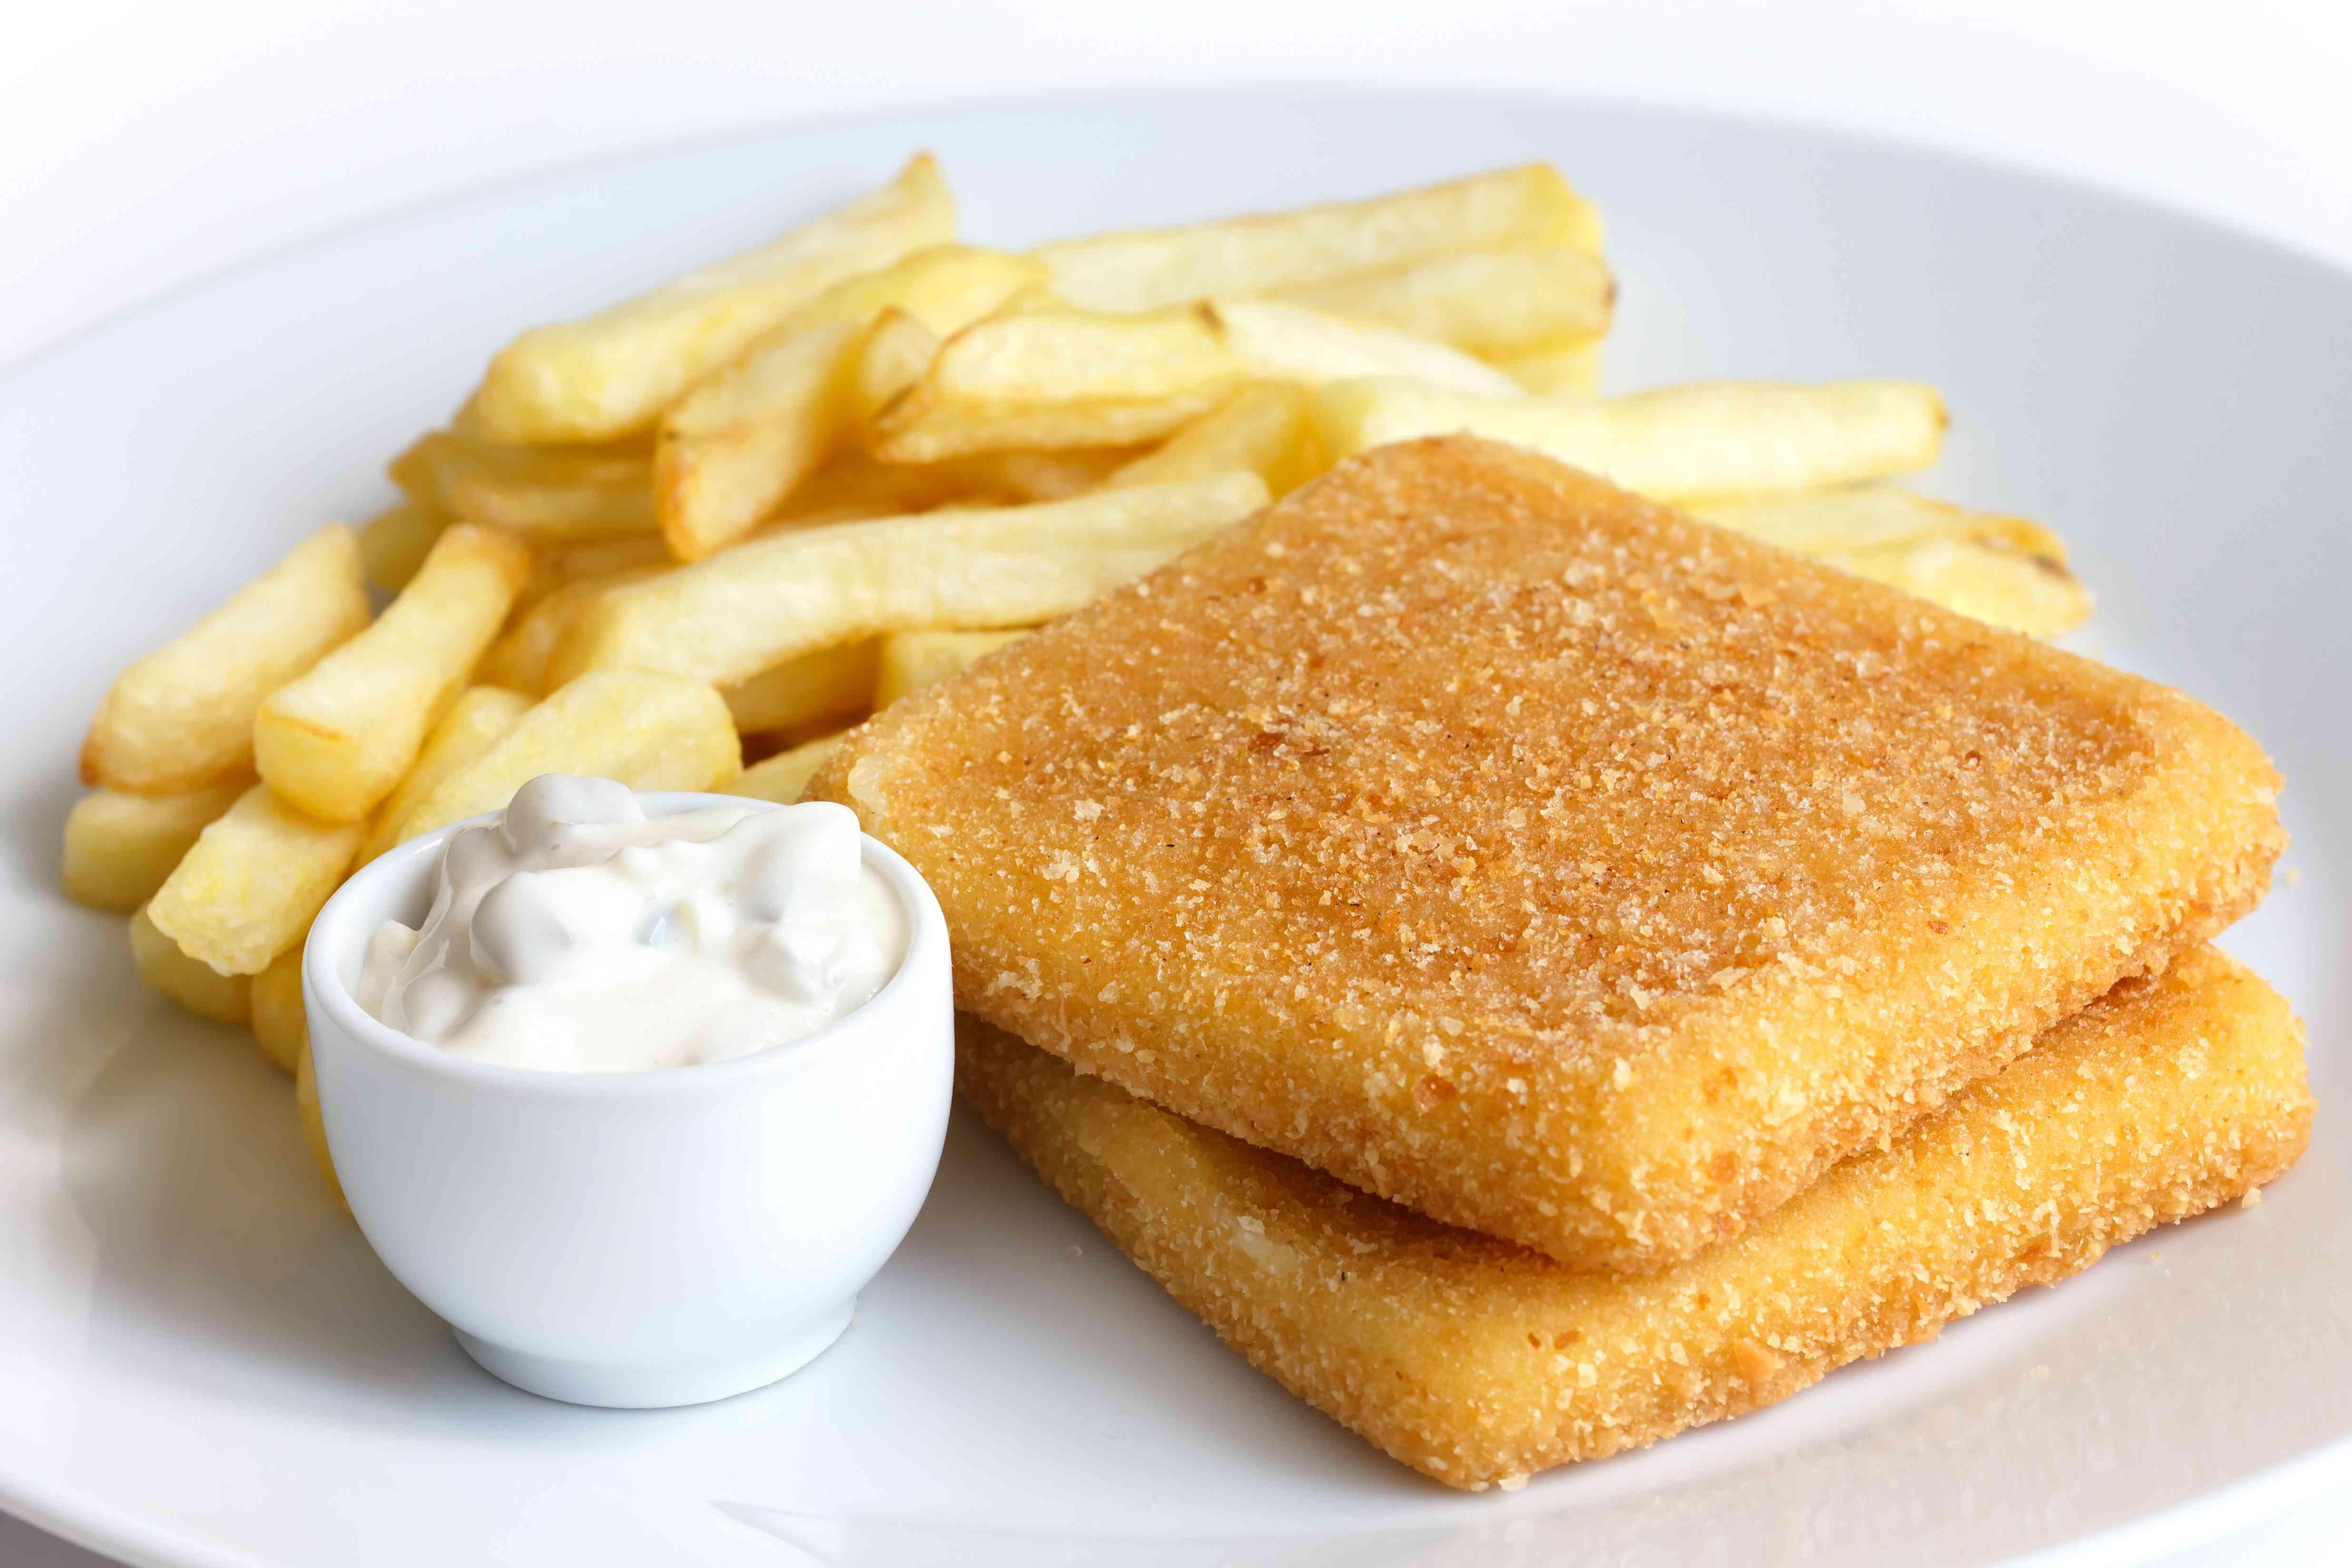 Plate of golden fried cheese, chips, tartar sauce.